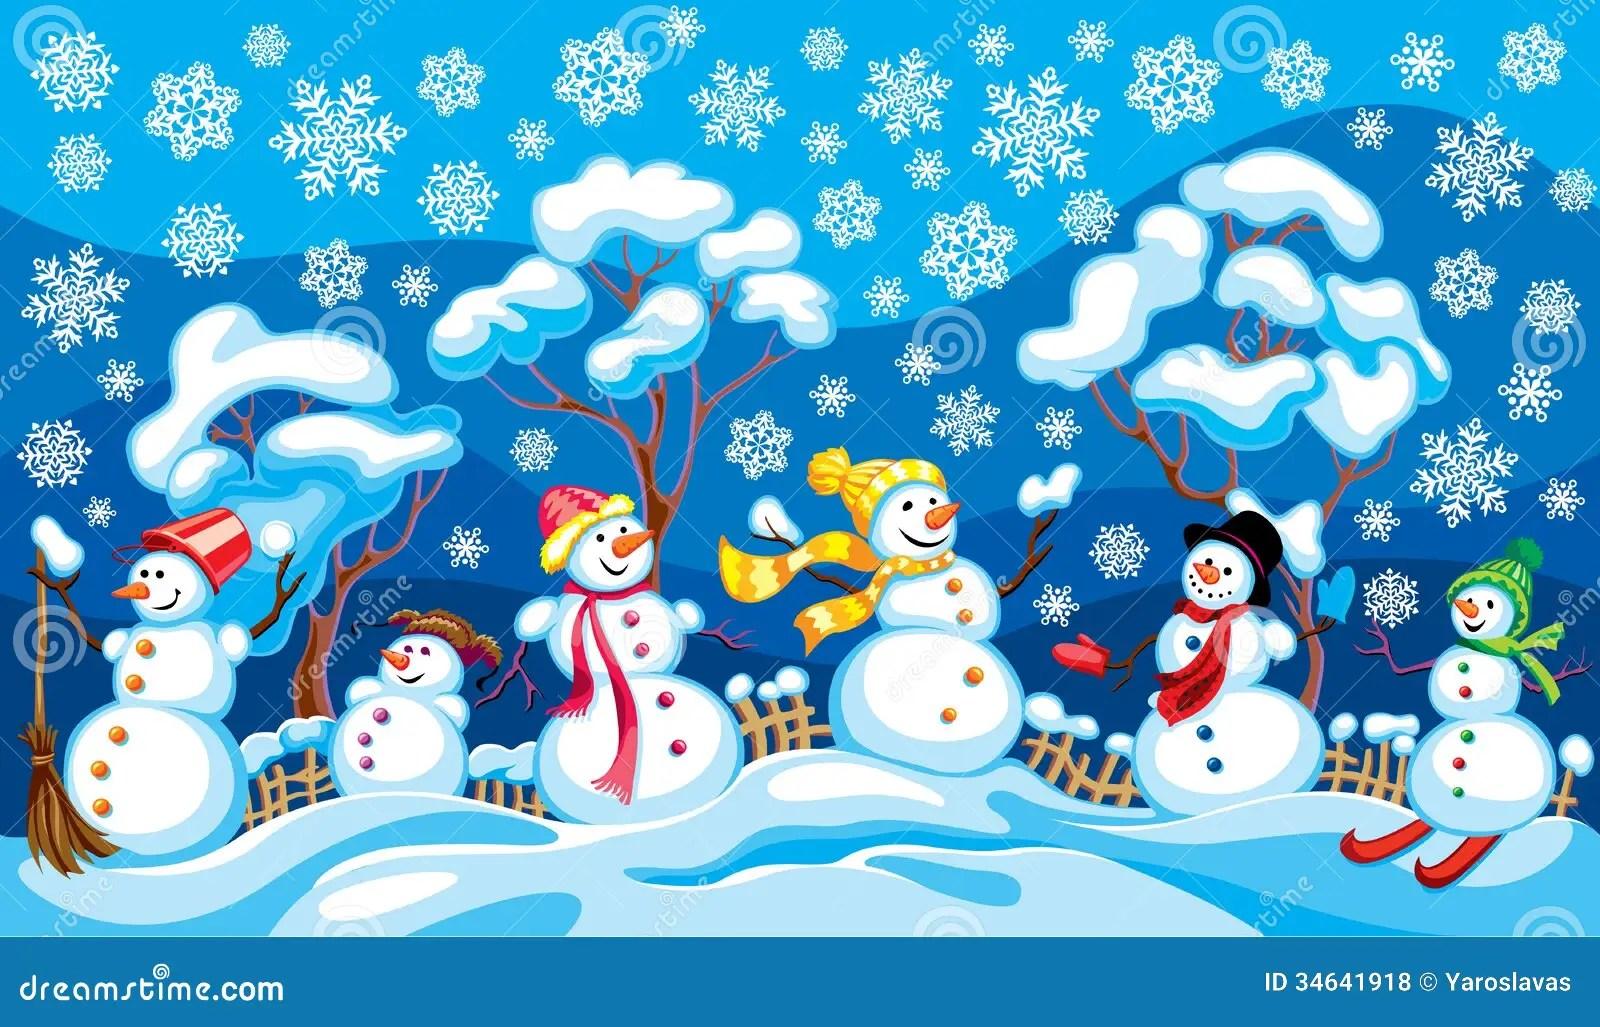 Paesaggio Di Inverno Con I Pupazzi Di Neve Illustrazione Vettoriale  Illustrazione di colourful